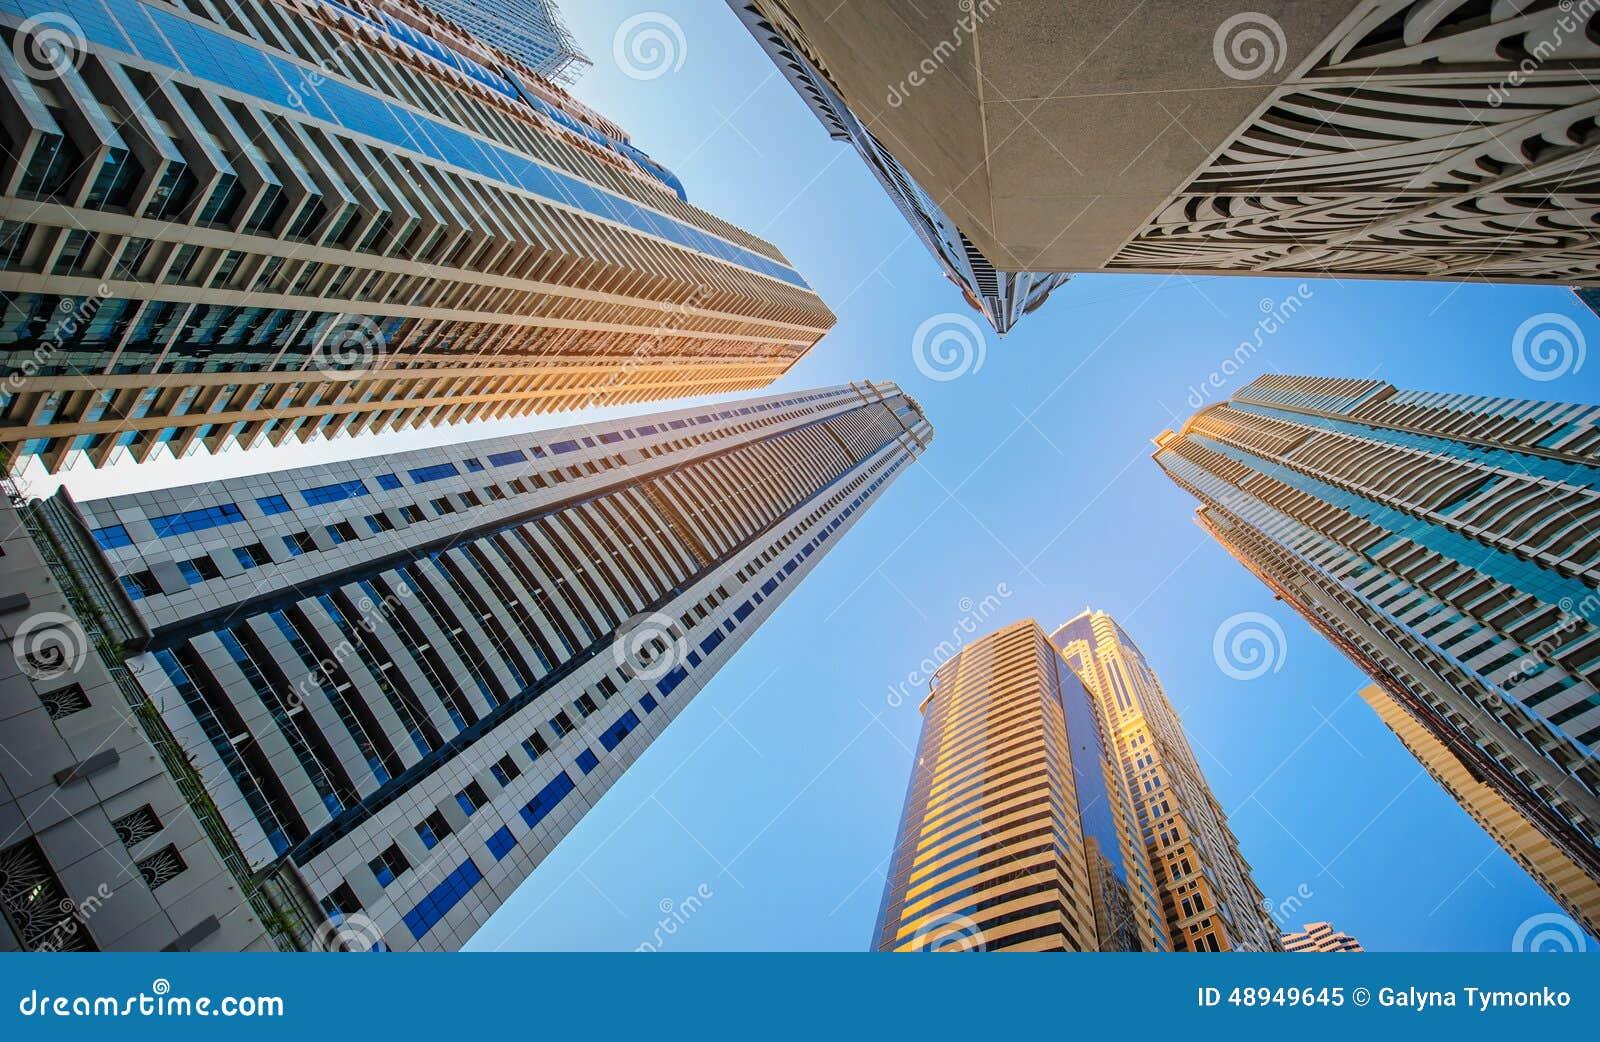 摩天大楼营业所,公司大厦Windows